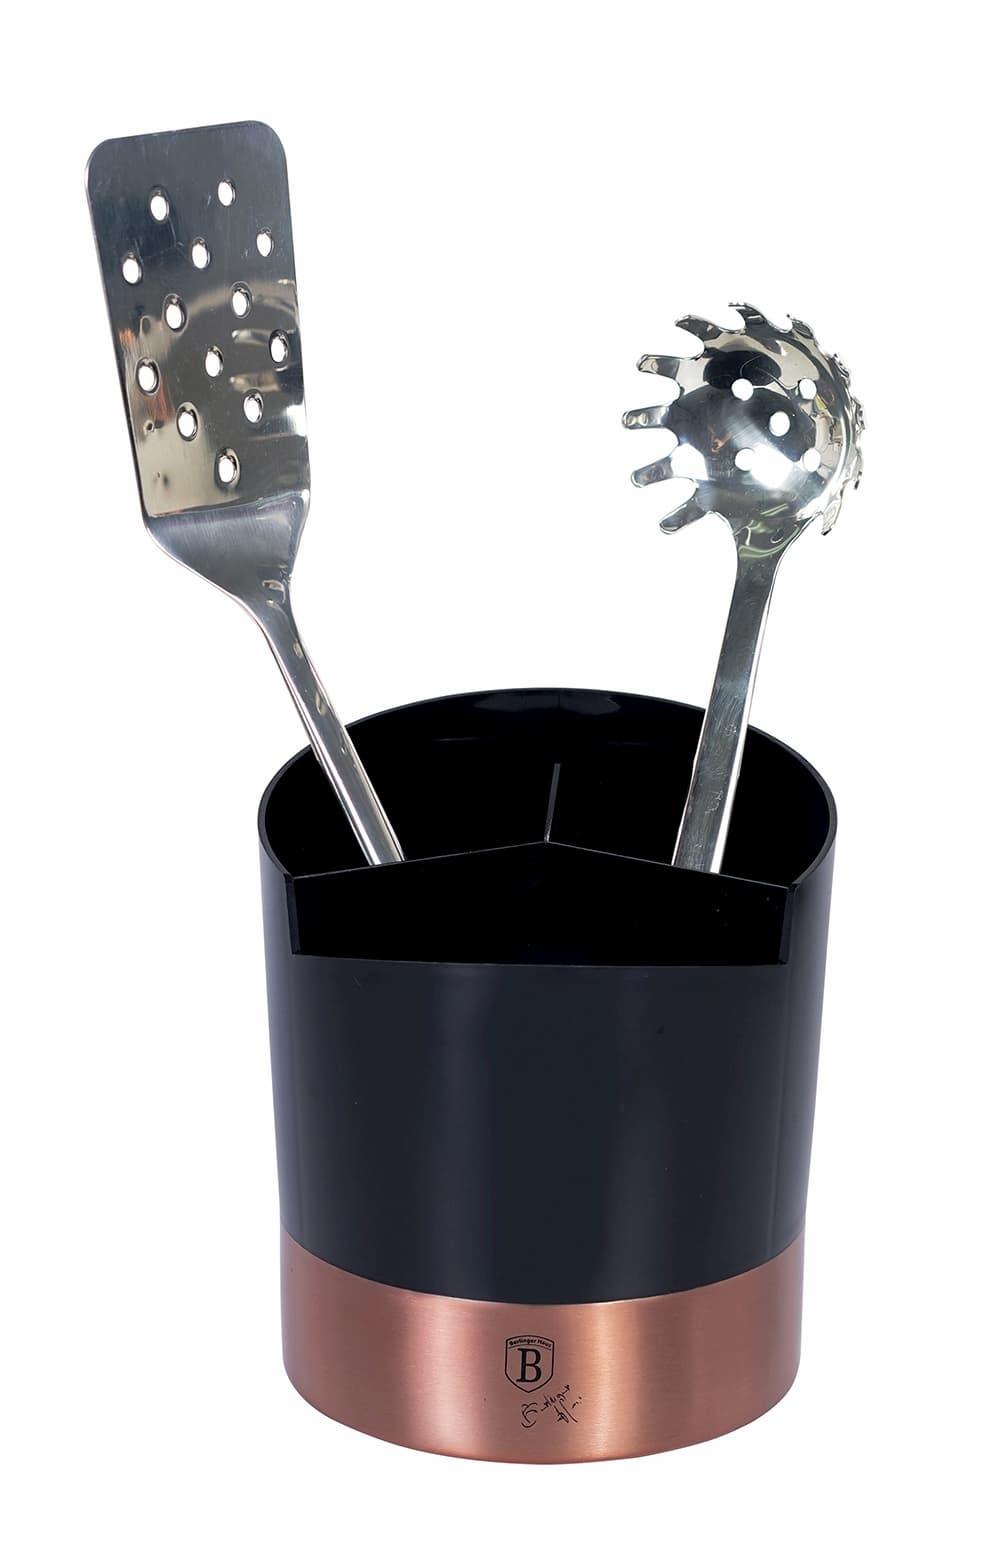 Suport din otel inoxidabil pentru ustensile si tacamuri de bucatarie, Ø14,5xH17 cm, Black Rose